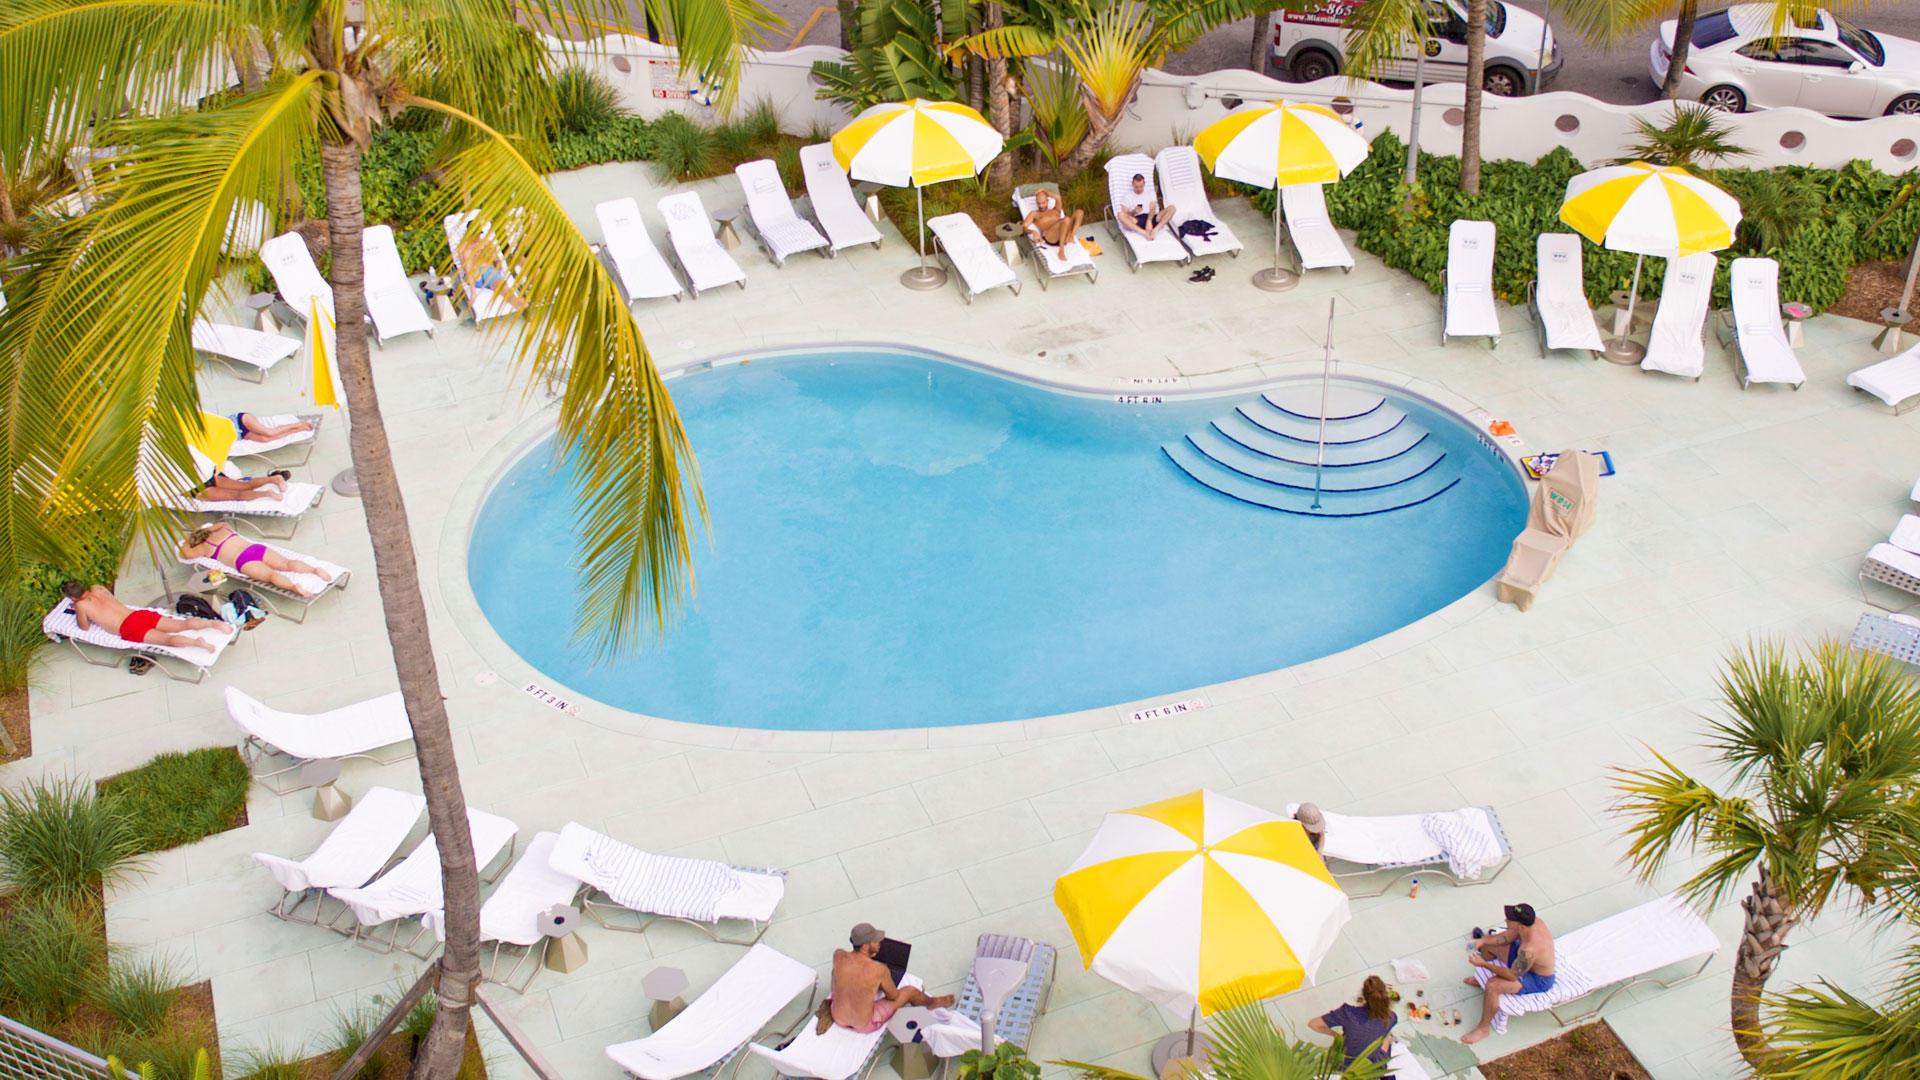 Washington Park Hotel image 3